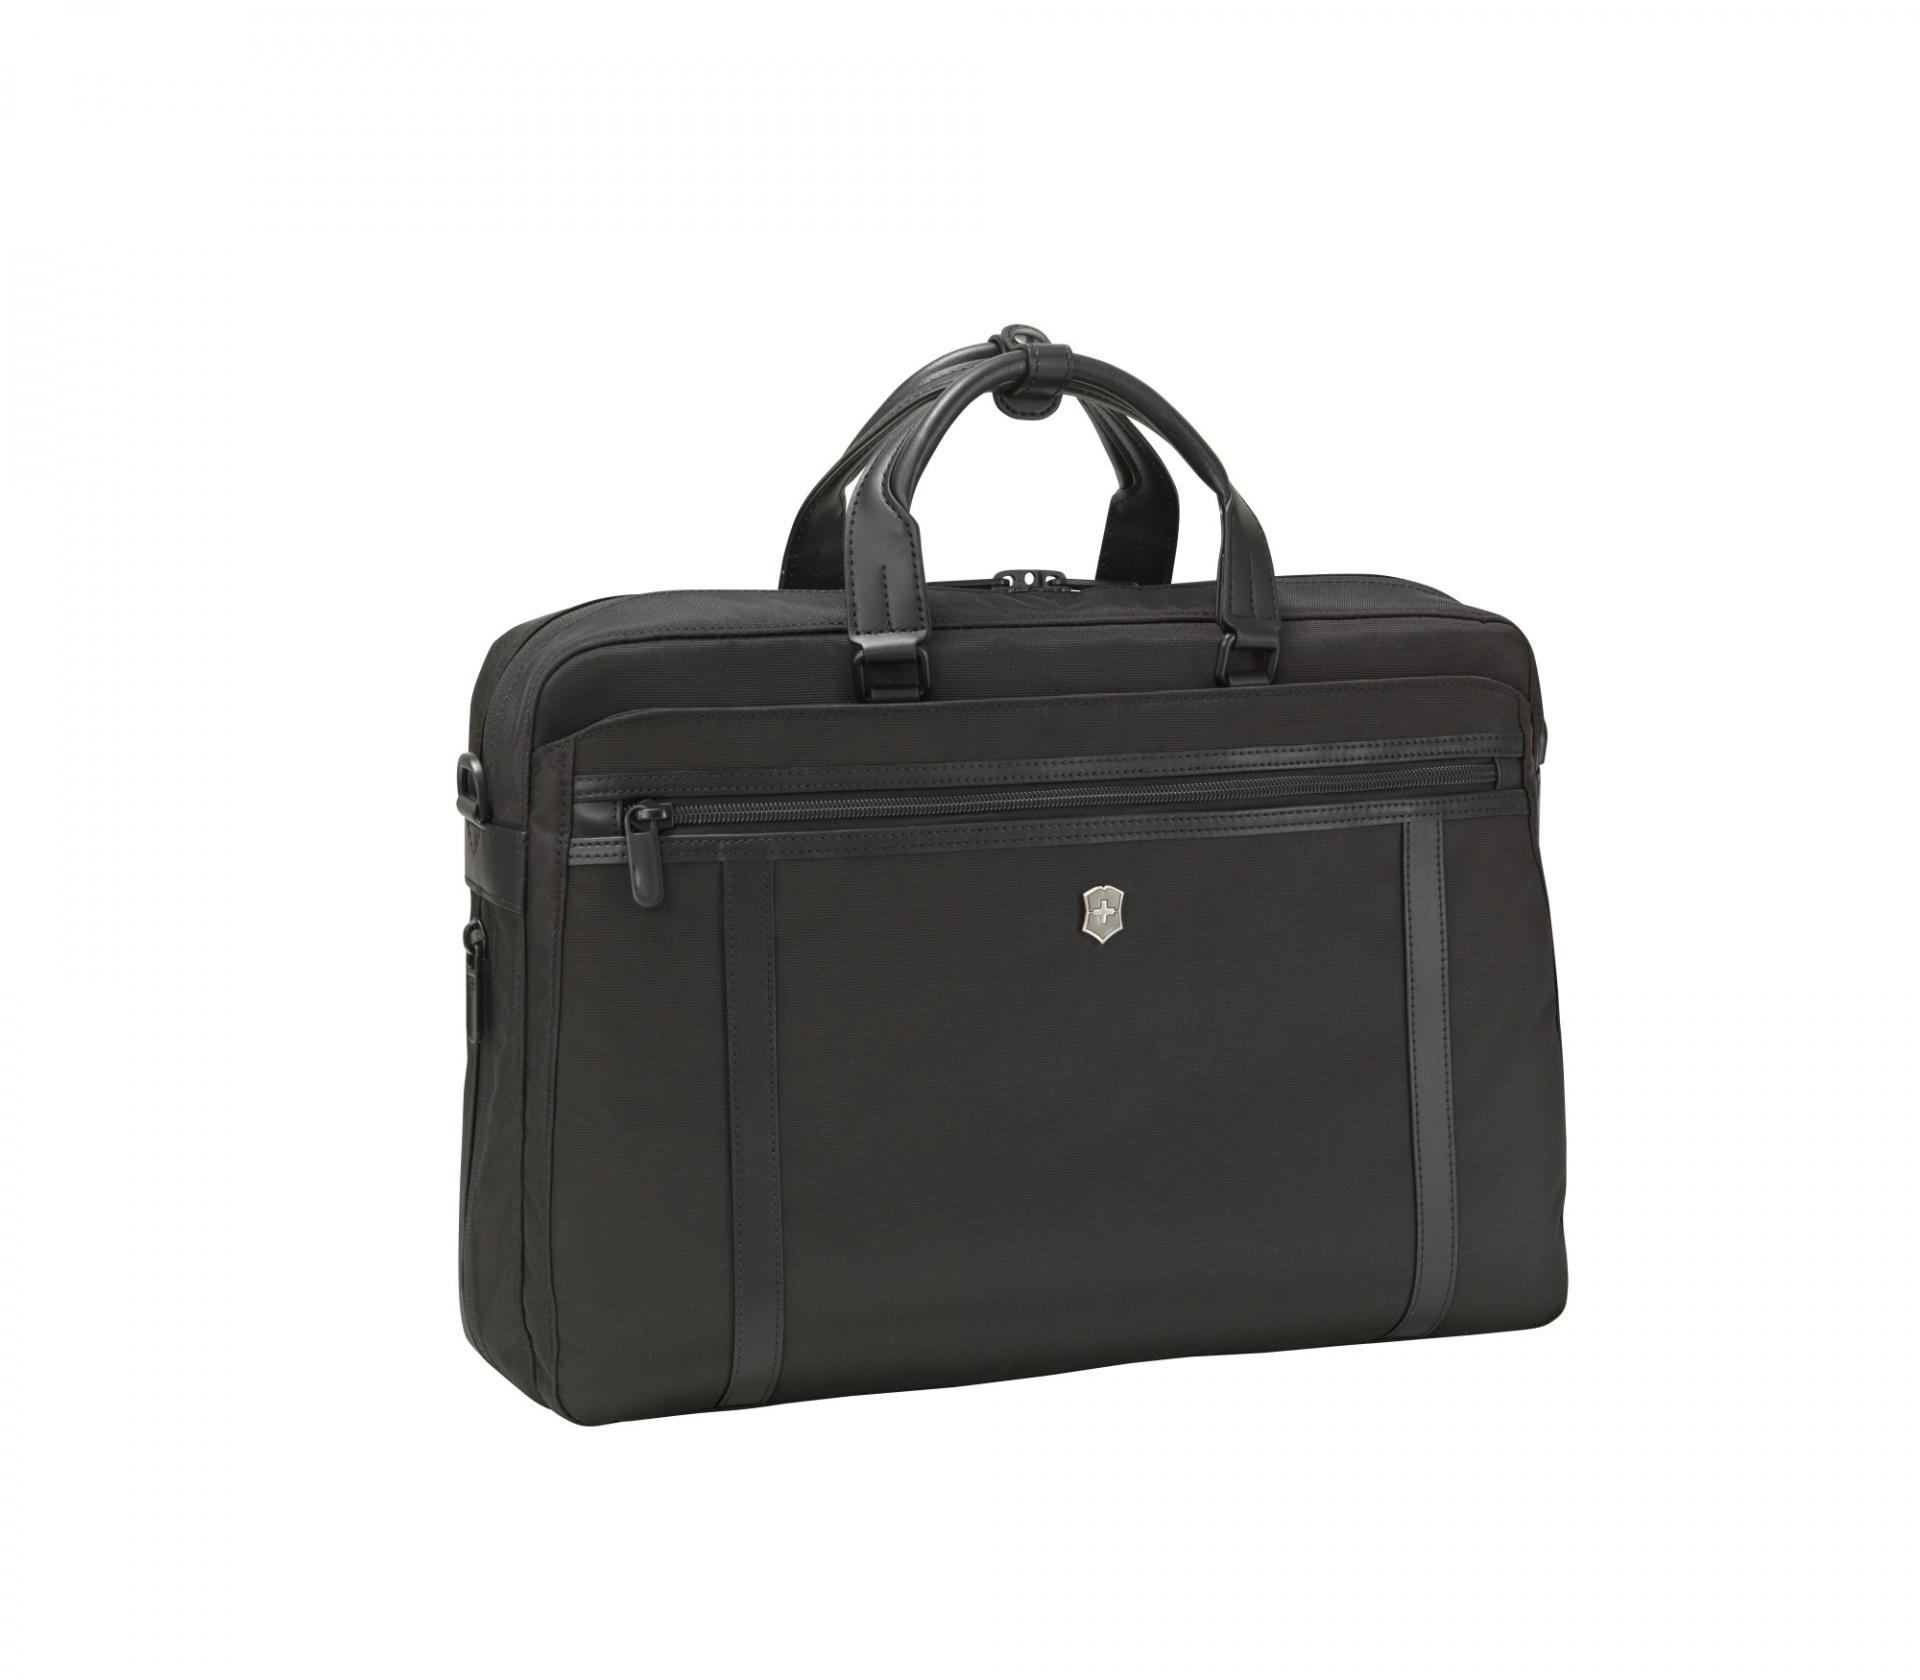 """Maletin Werks Professional 2.0, 15"""" Laptop Brief 604988"""